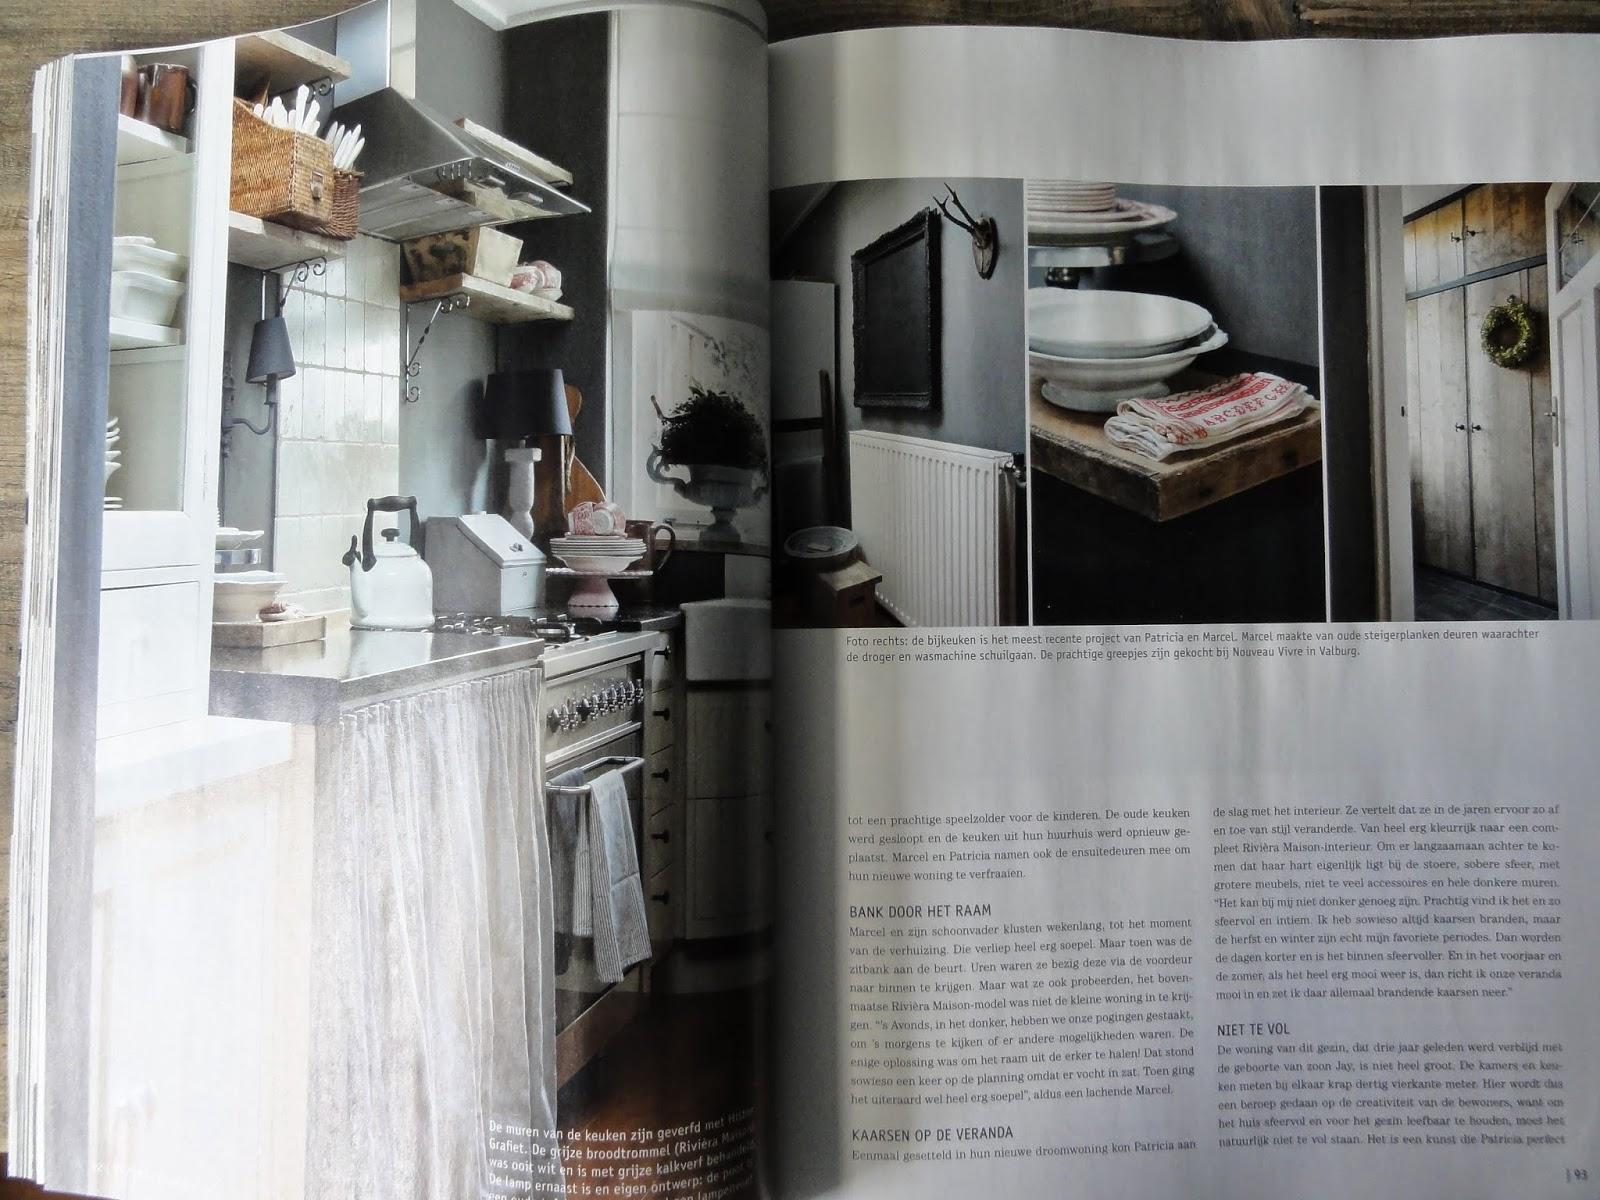 Ons huis in wonen landelijke stijl - Oude stijl keuken wastafel ...